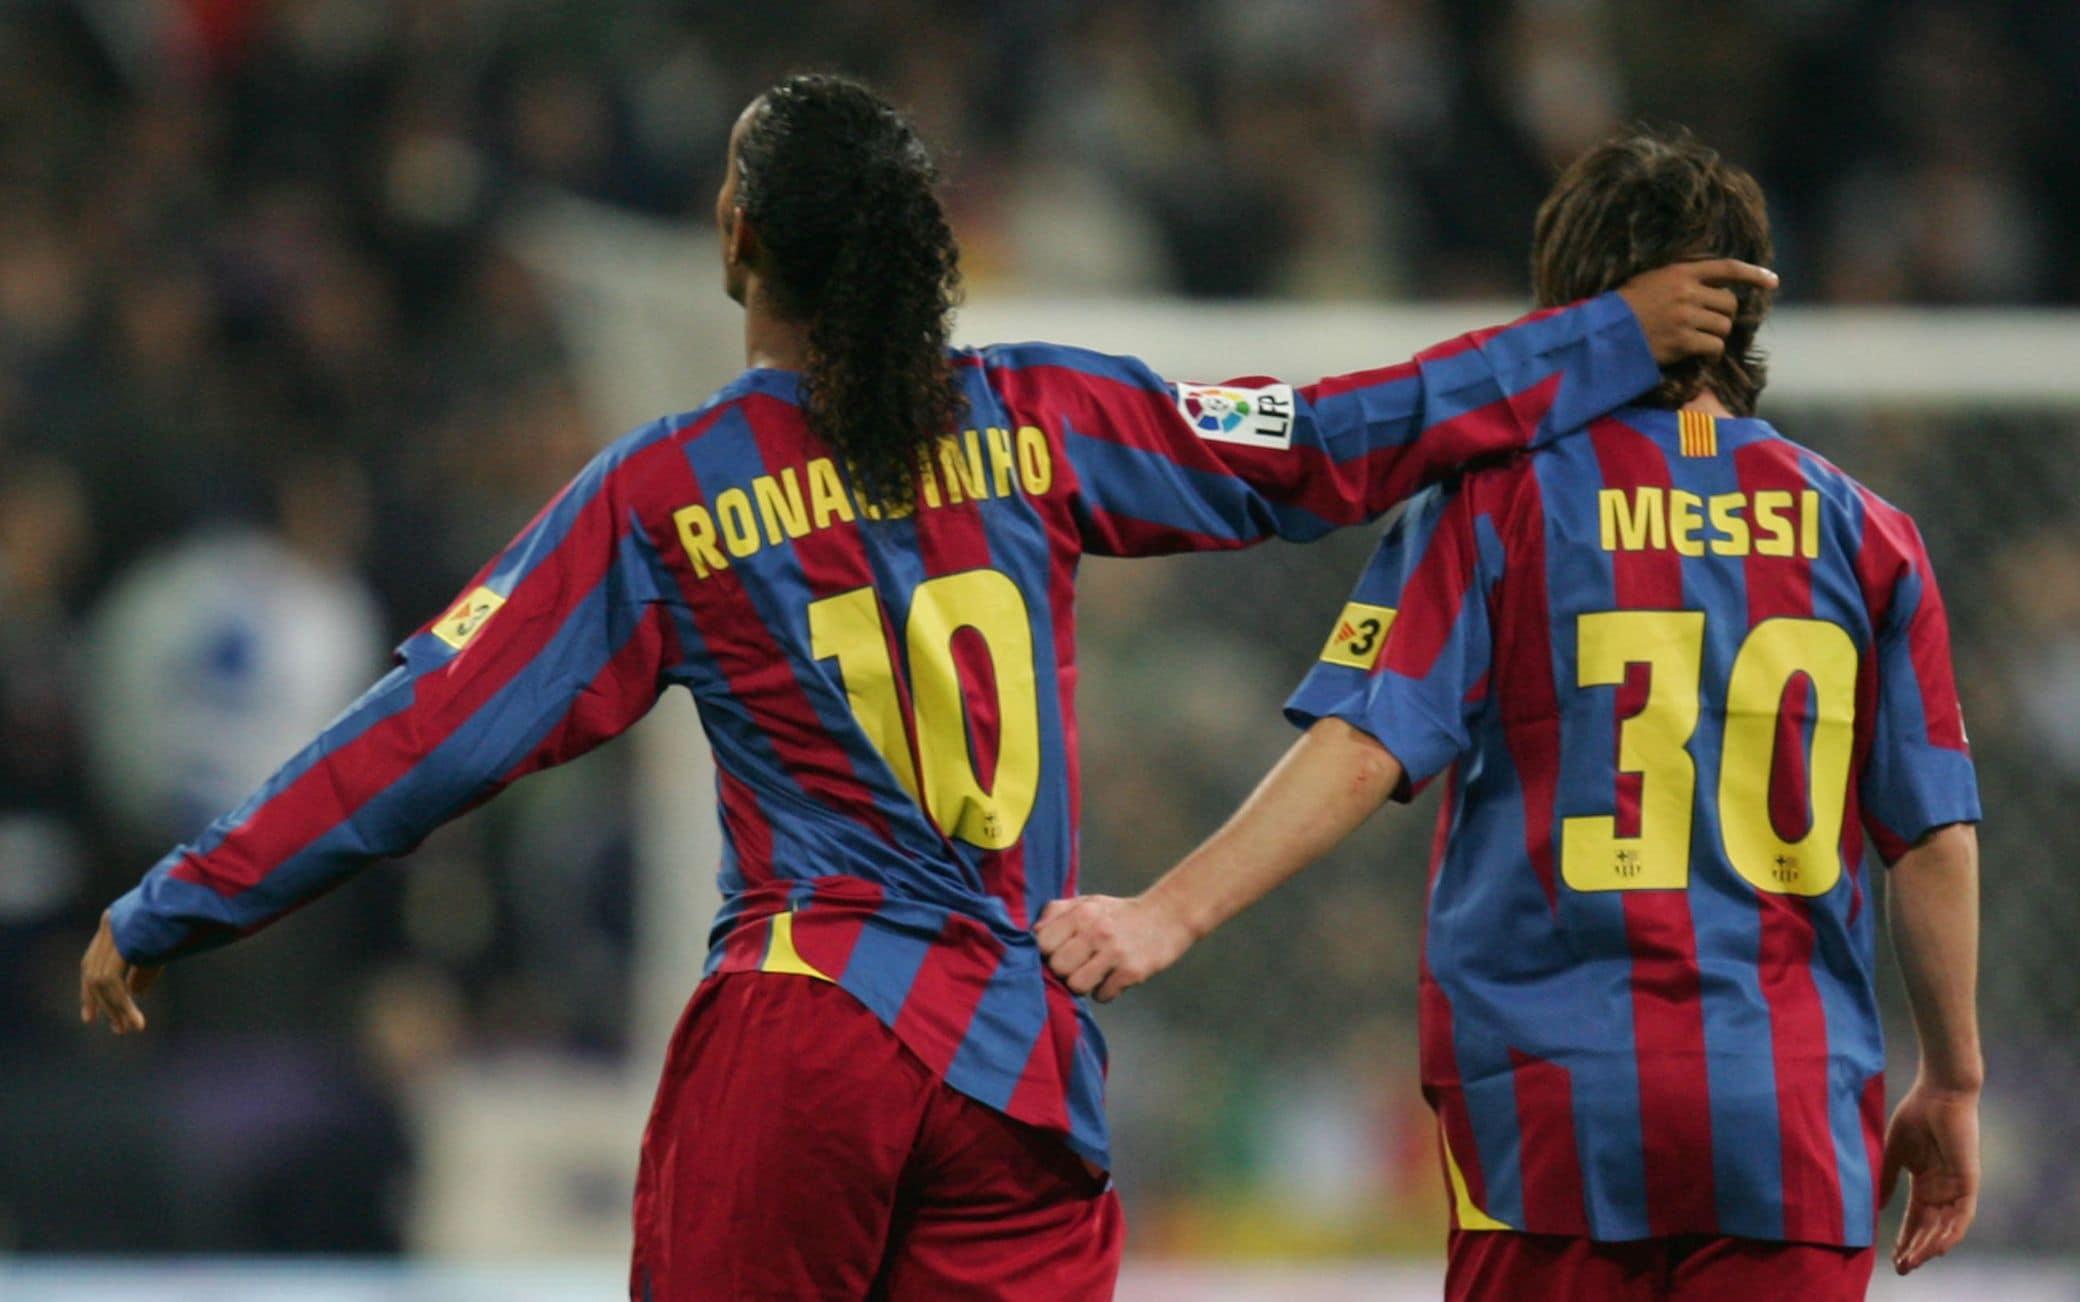 Ronaldinho e Messi nel 2006 al Barcellona